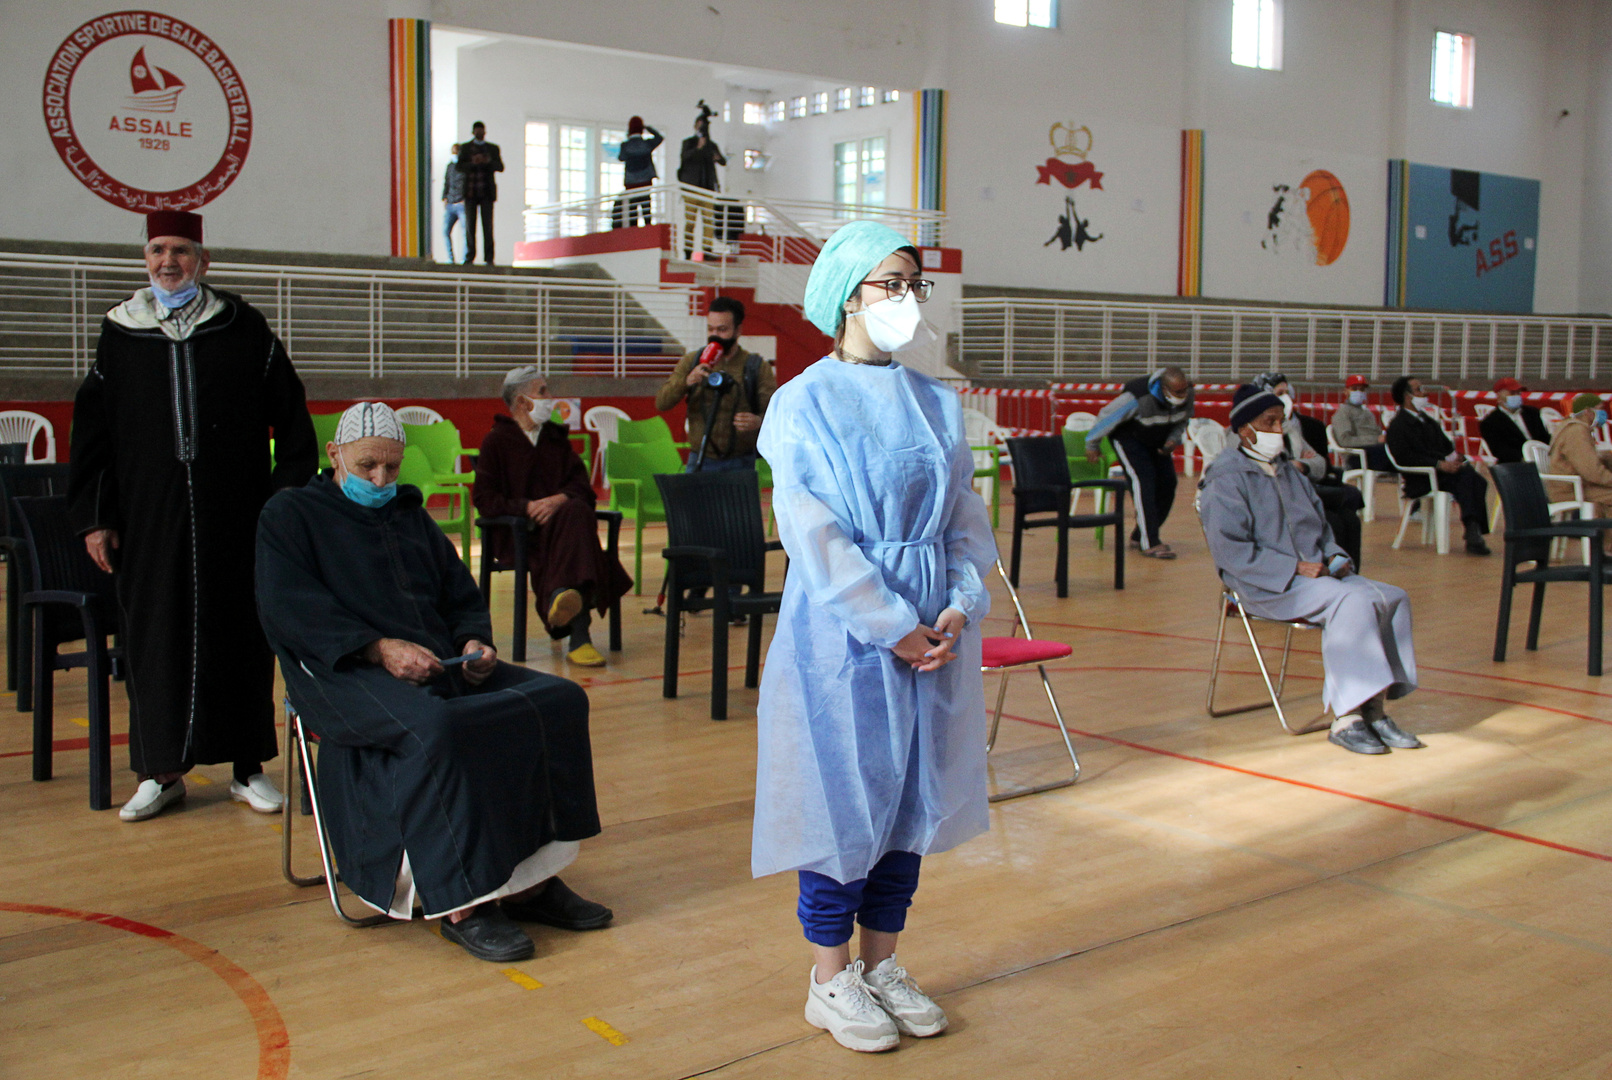 المغرب يسجل 635 إصابة و6 وفيات جديدة بفيروس كورونا